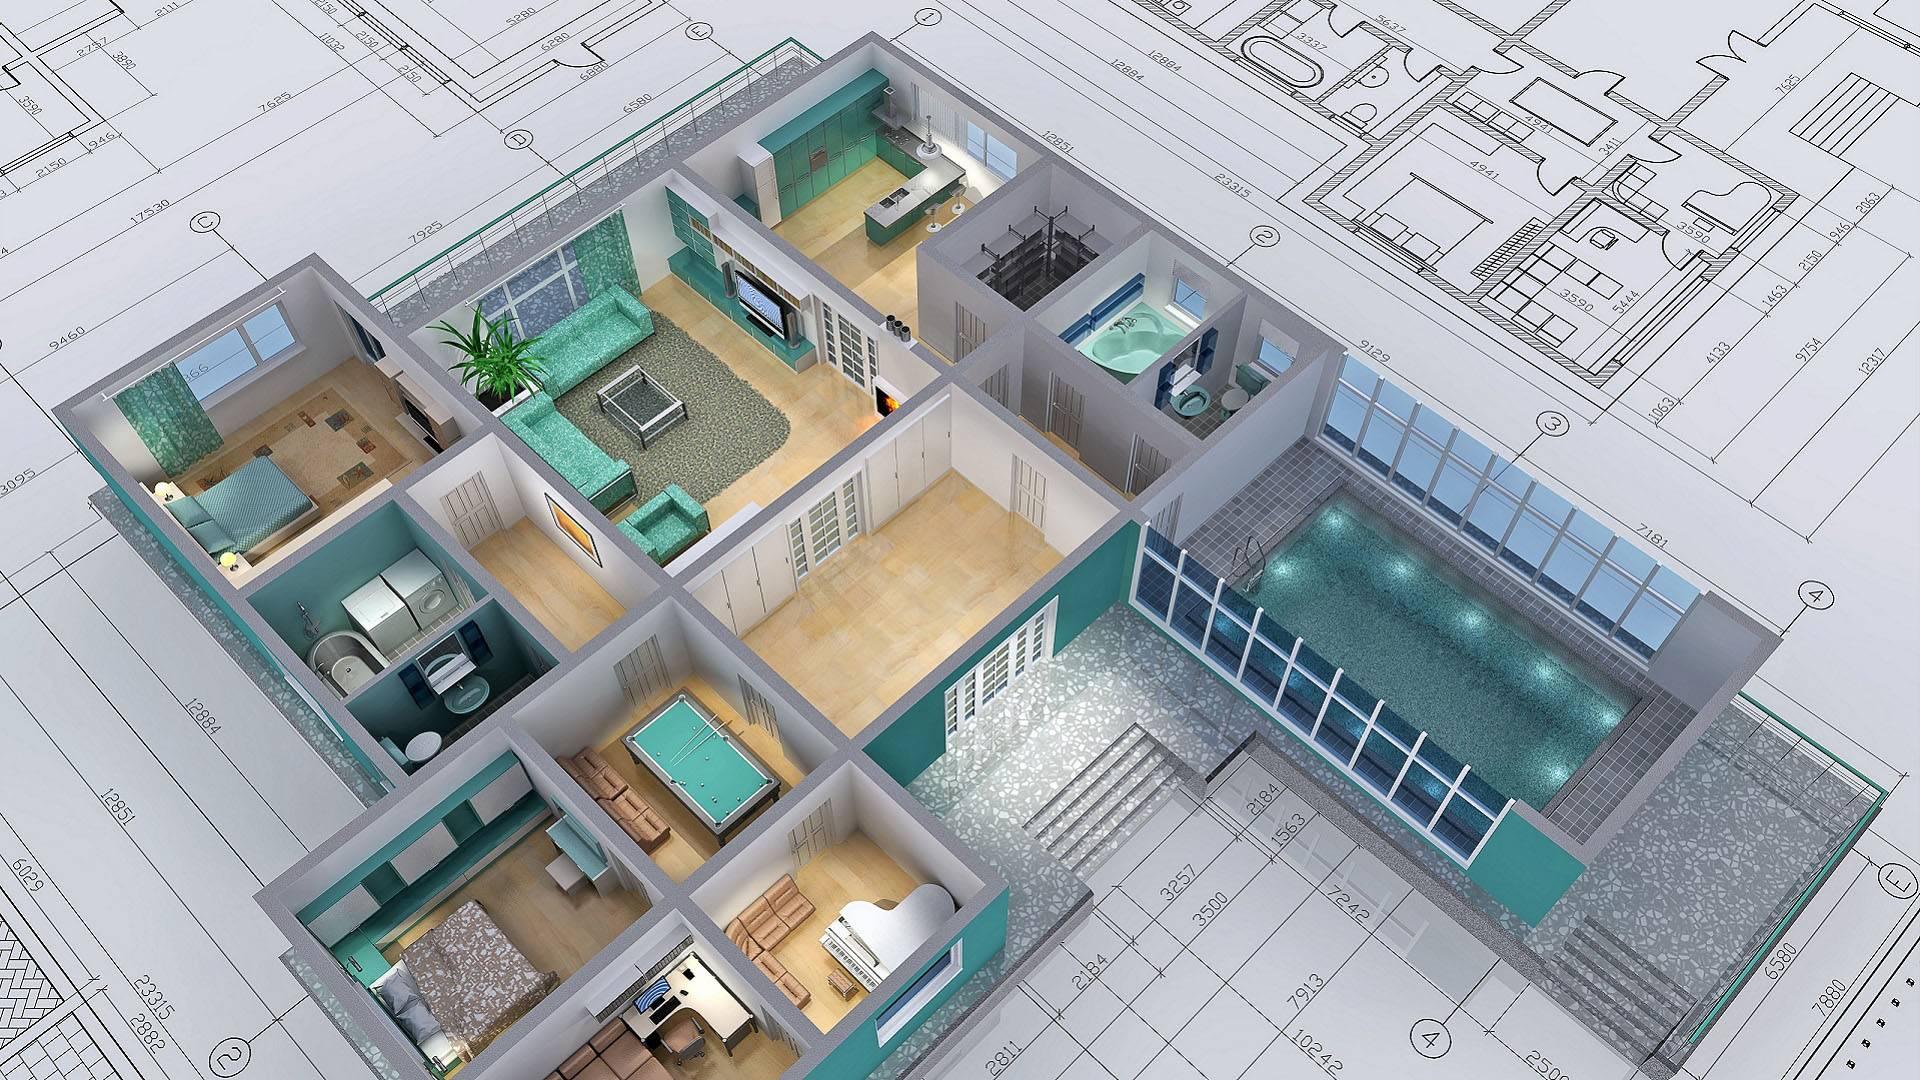 2017中国家居建材产业研究报告